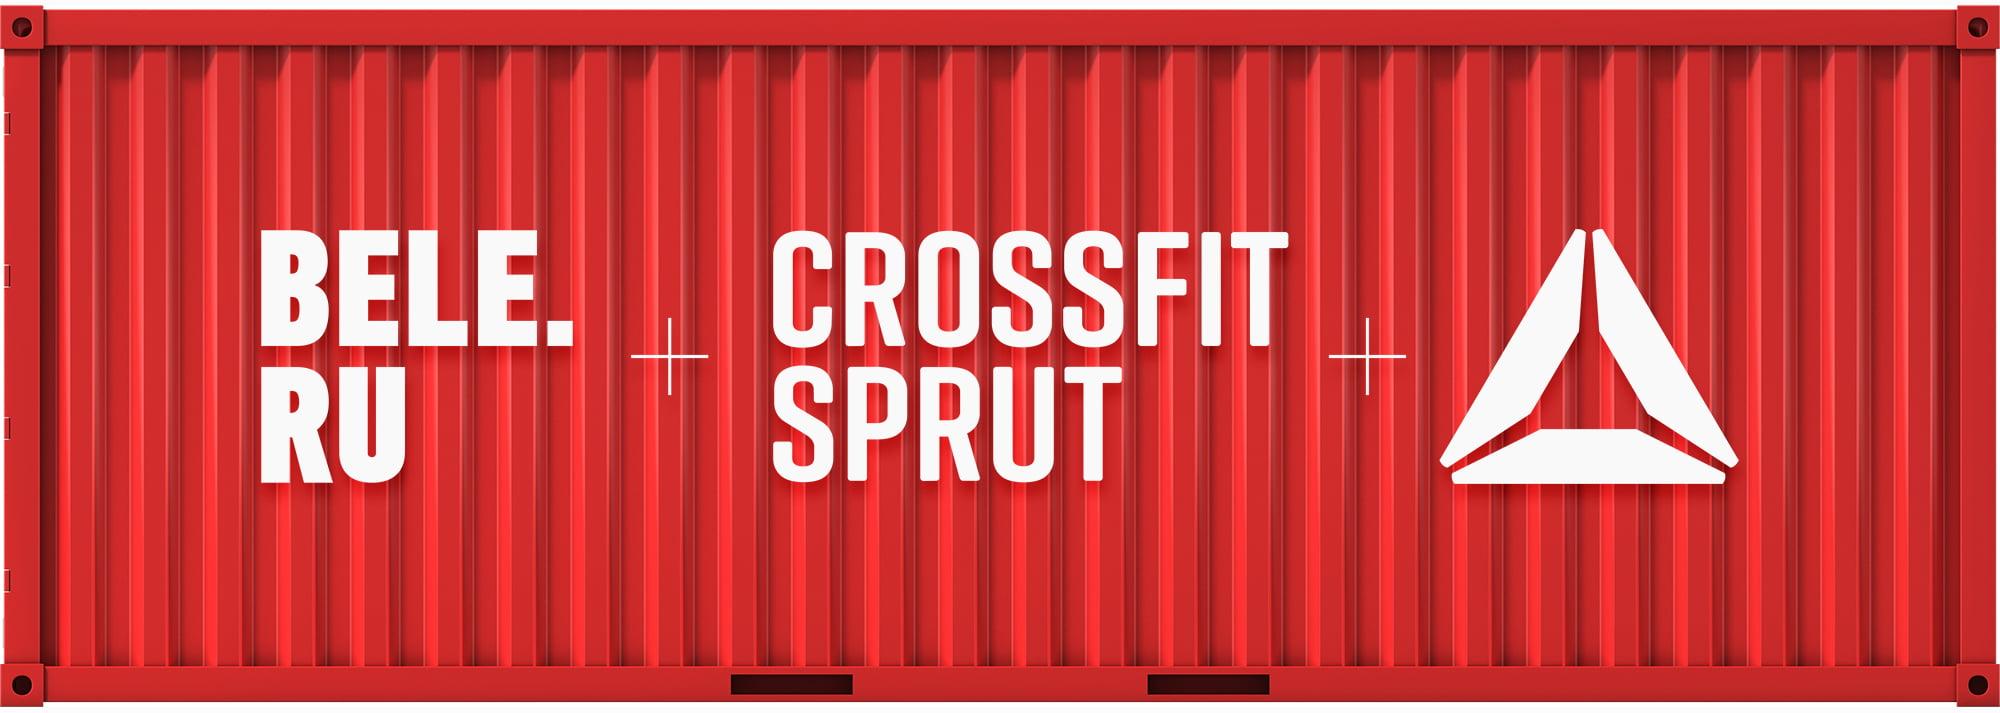 CrossFit Sprut + Reebok + Bele.ru